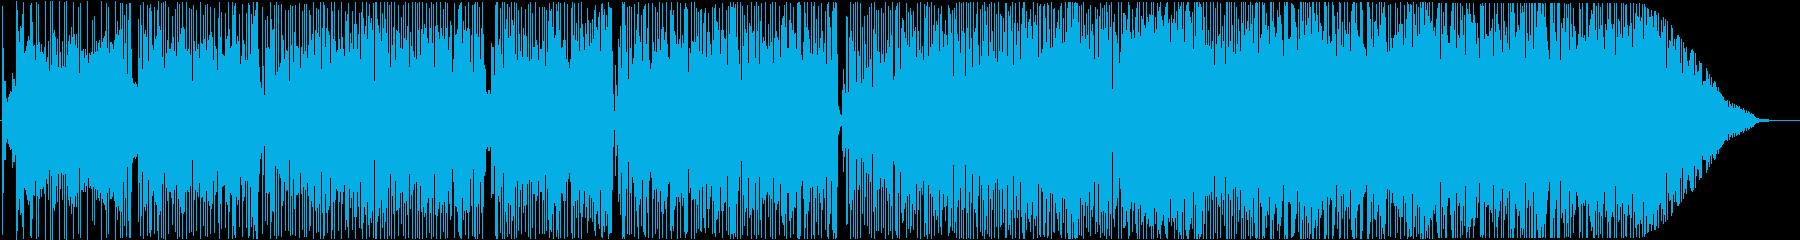 ラテンフレーバーのスムースジャズ曲!の再生済みの波形